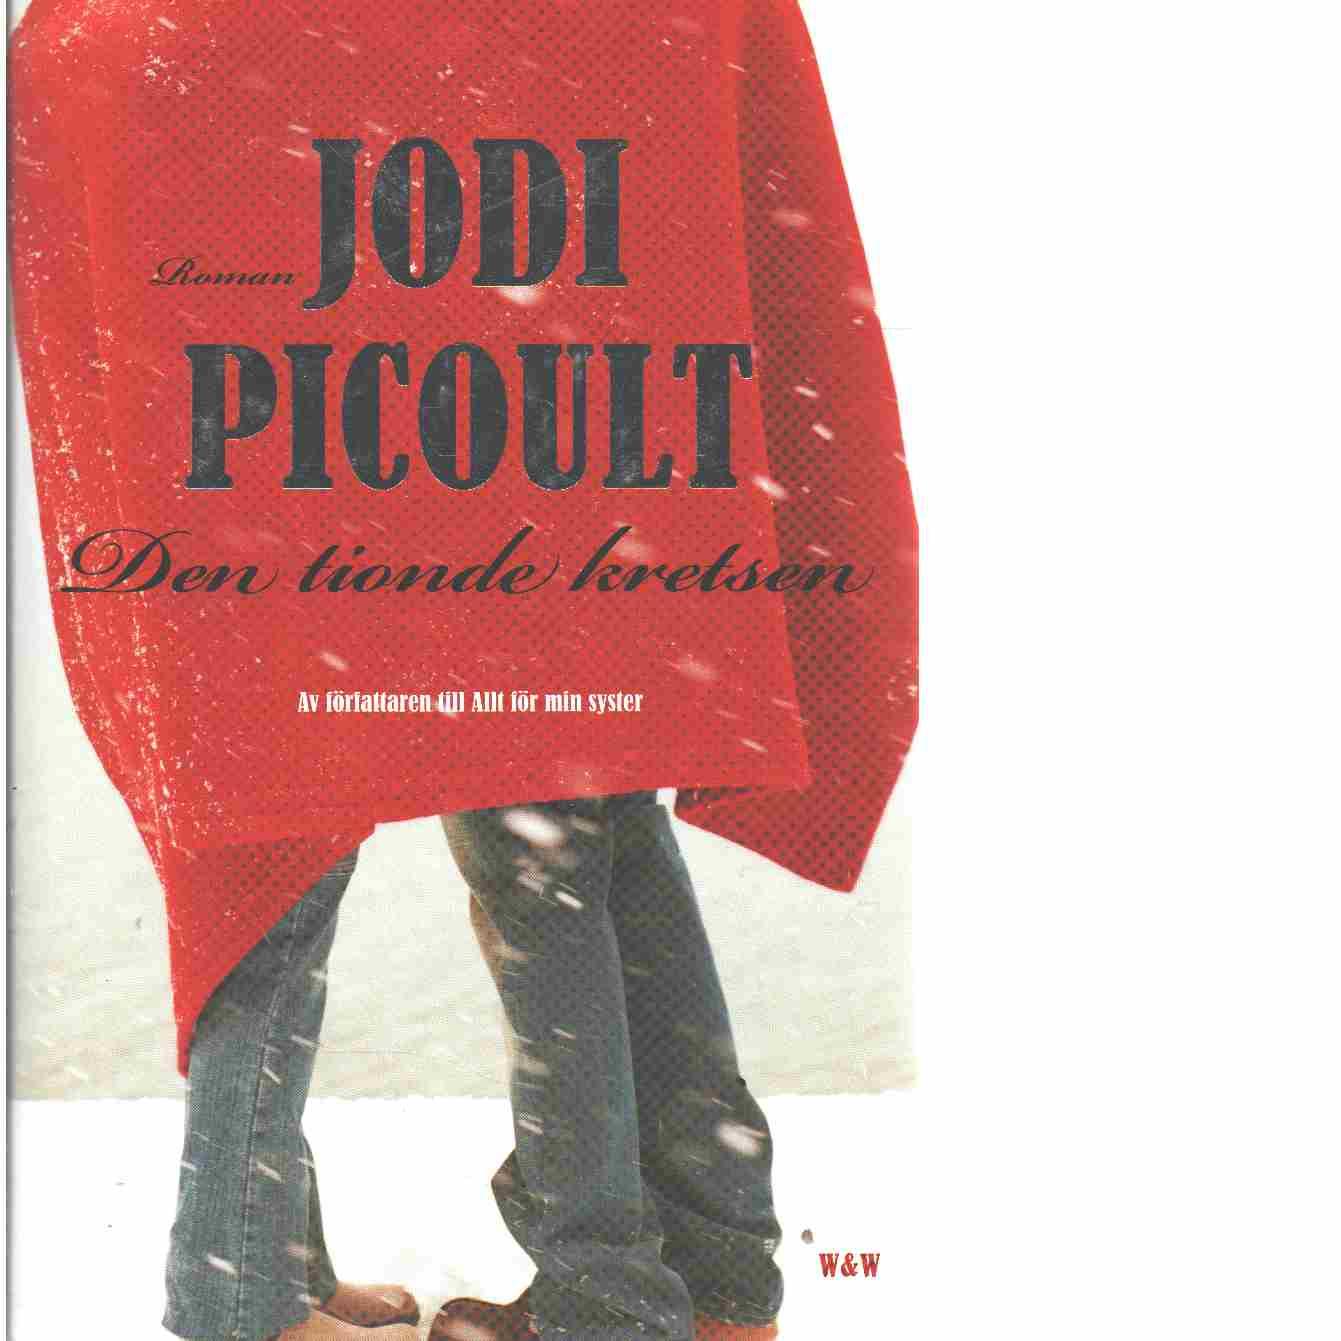 Den tionde kretsen - Picoult, Jodi